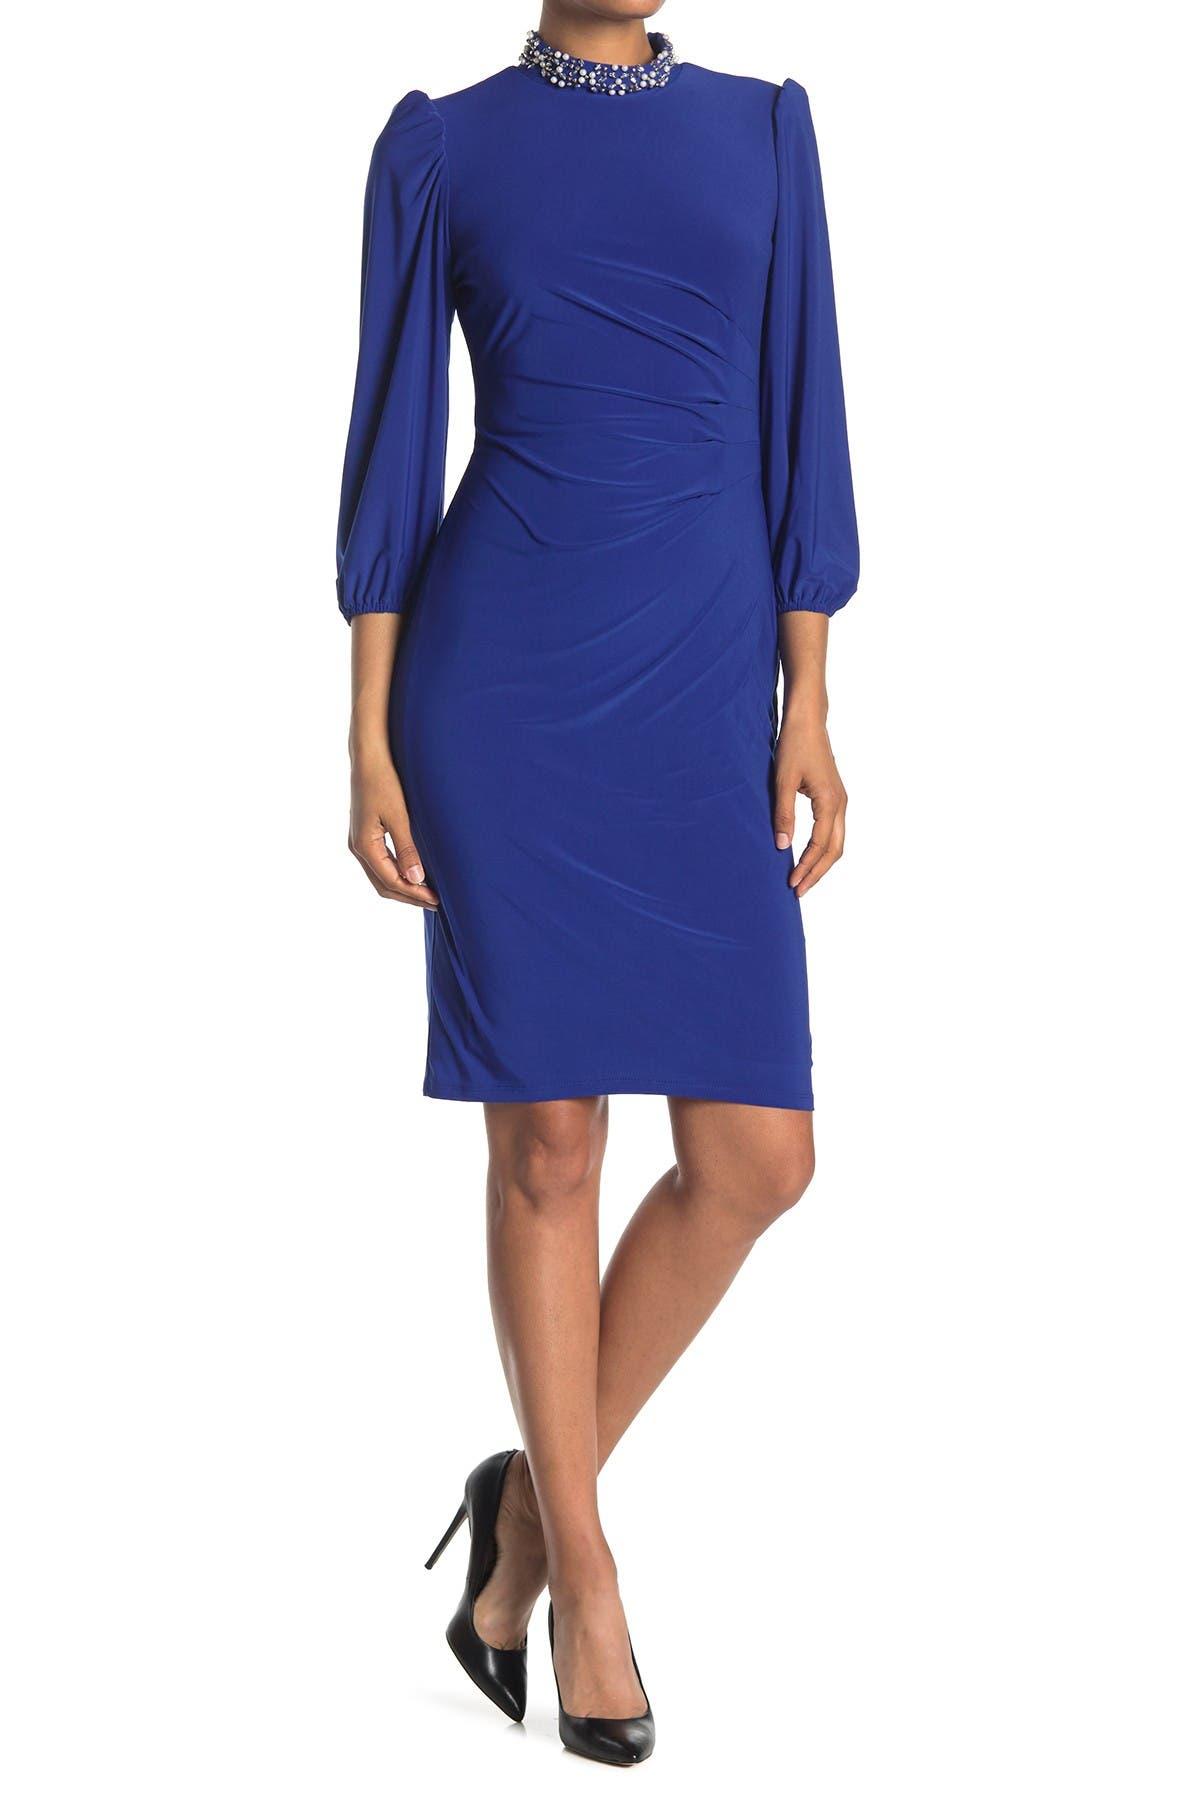 Image of Marina Embellished Neck Puff Sleeve Dress